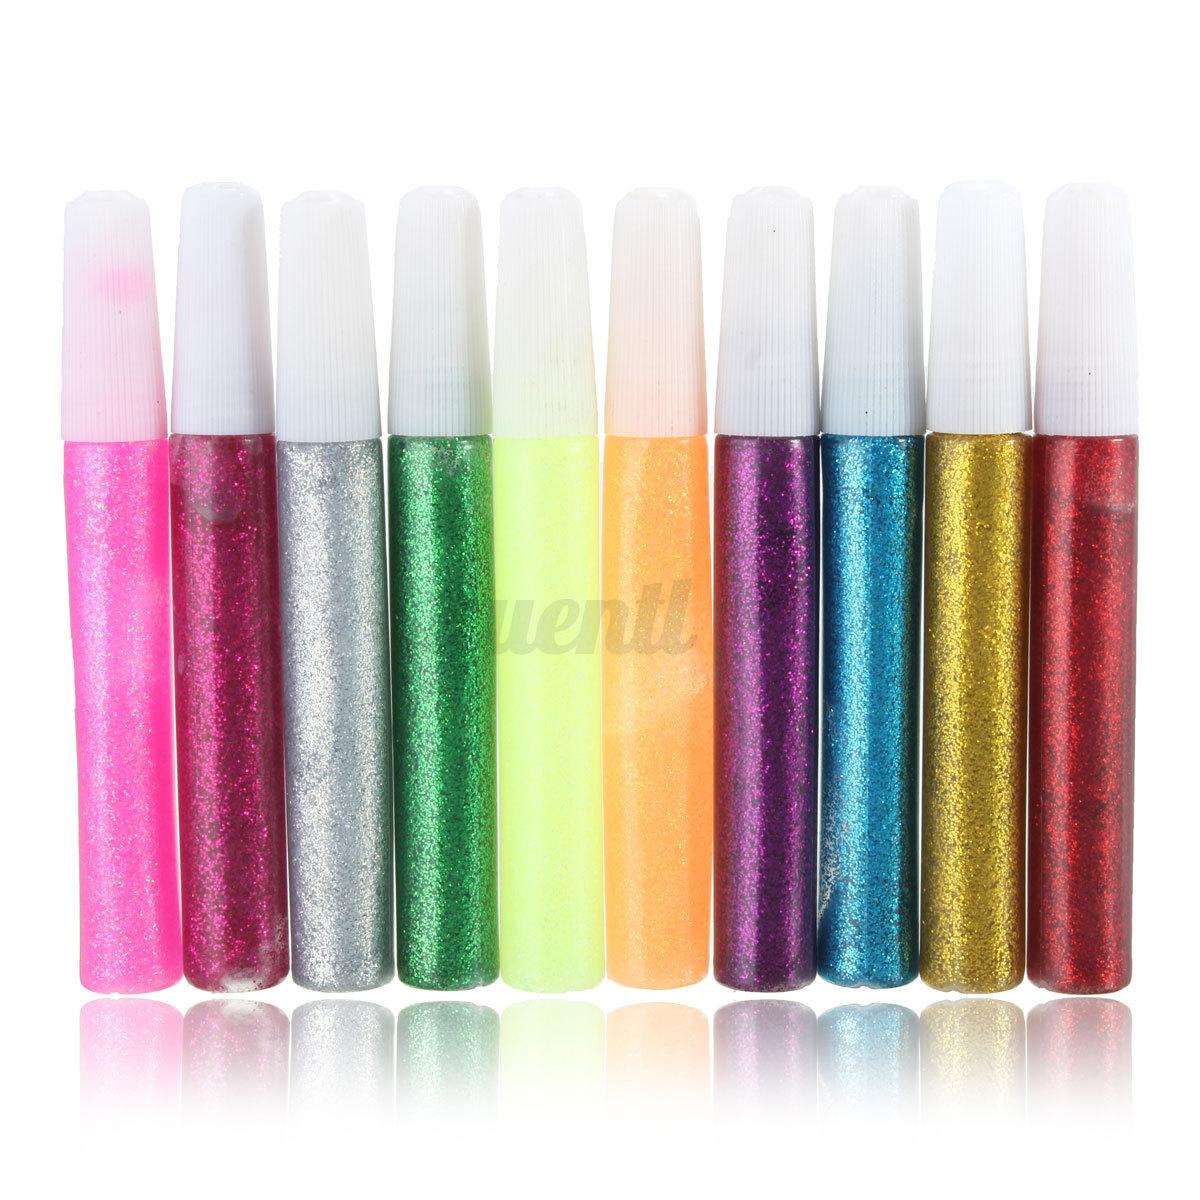 New multi colour glitter glue pen for children kids art for Glitter crafts for kids